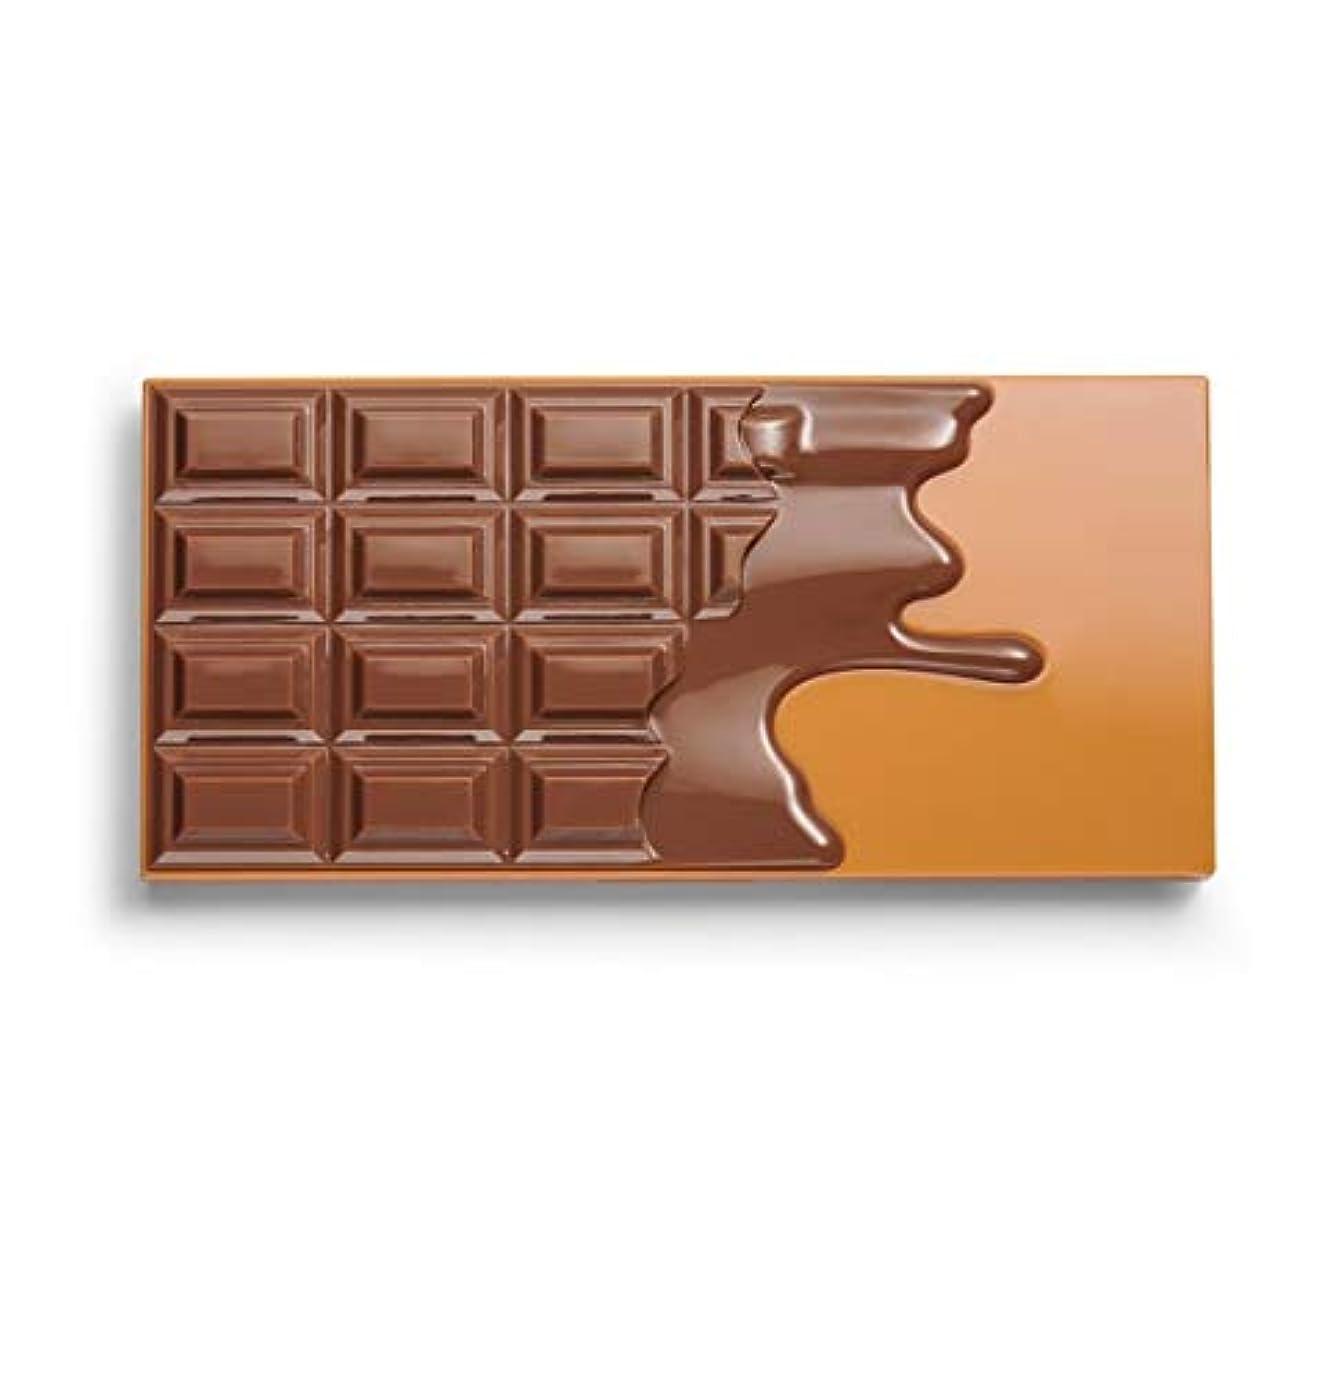 発見する膨張する同様にメイクアップレボリューション アイラブメイクアップ チョコレート型18色アイシャドウパレット #Peanut Butter Cup